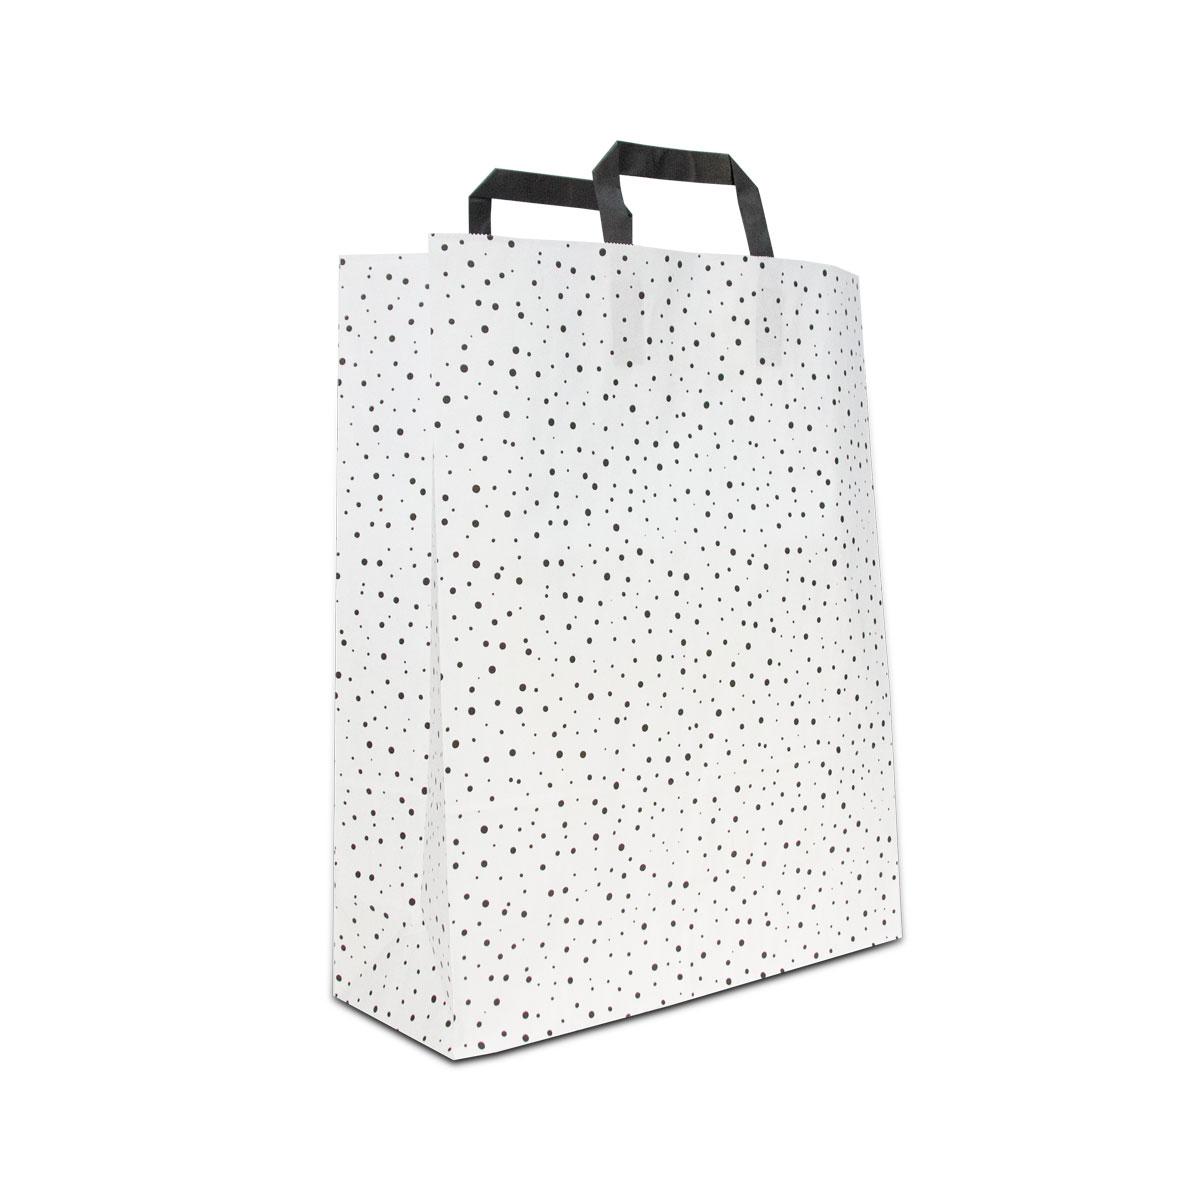 KrafttassenBubble-product-2_(1)